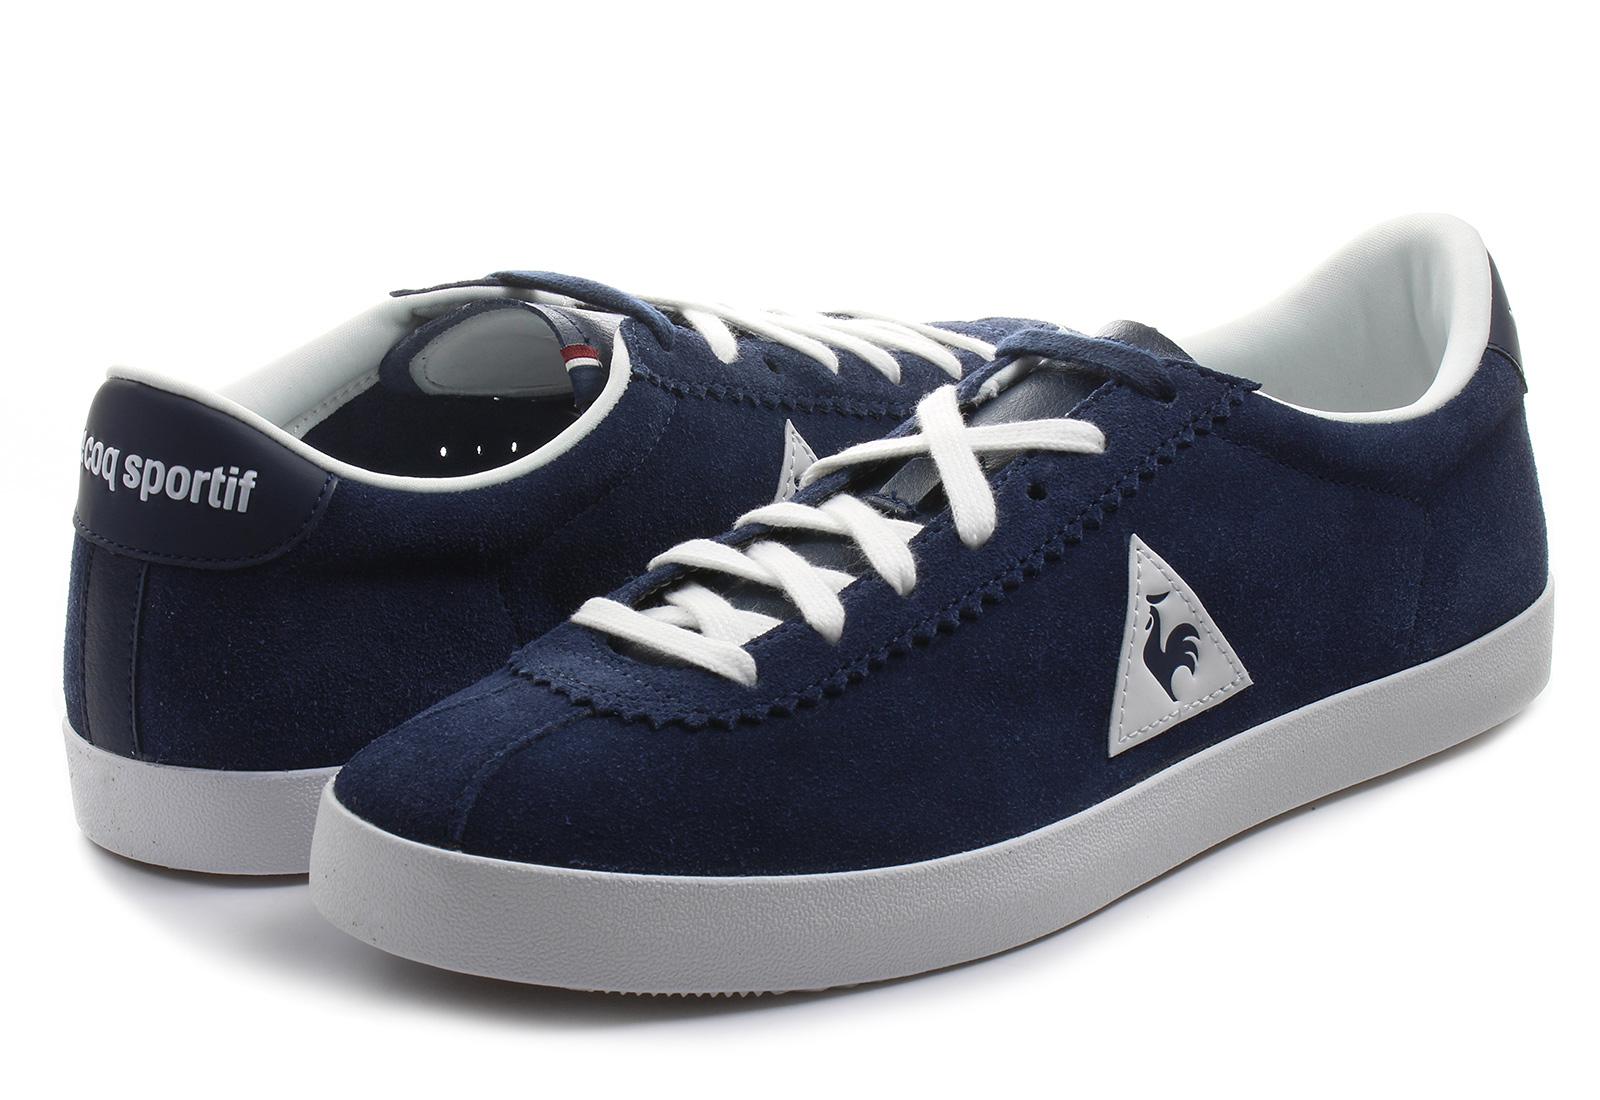 le coq sportif shoes court origin 1510189